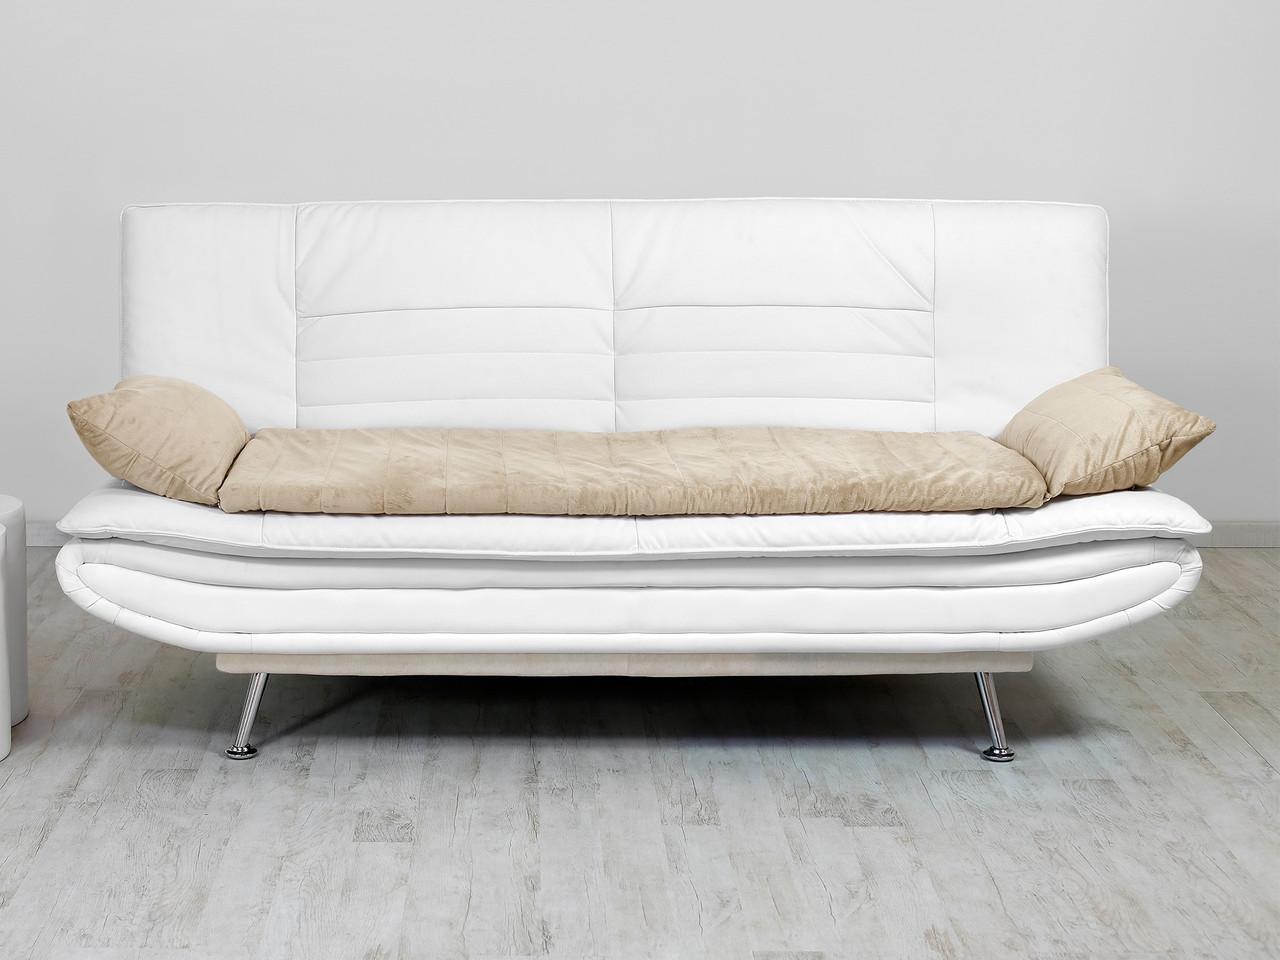 Чехол для мягкого комплекта на диван Dormeo Relax